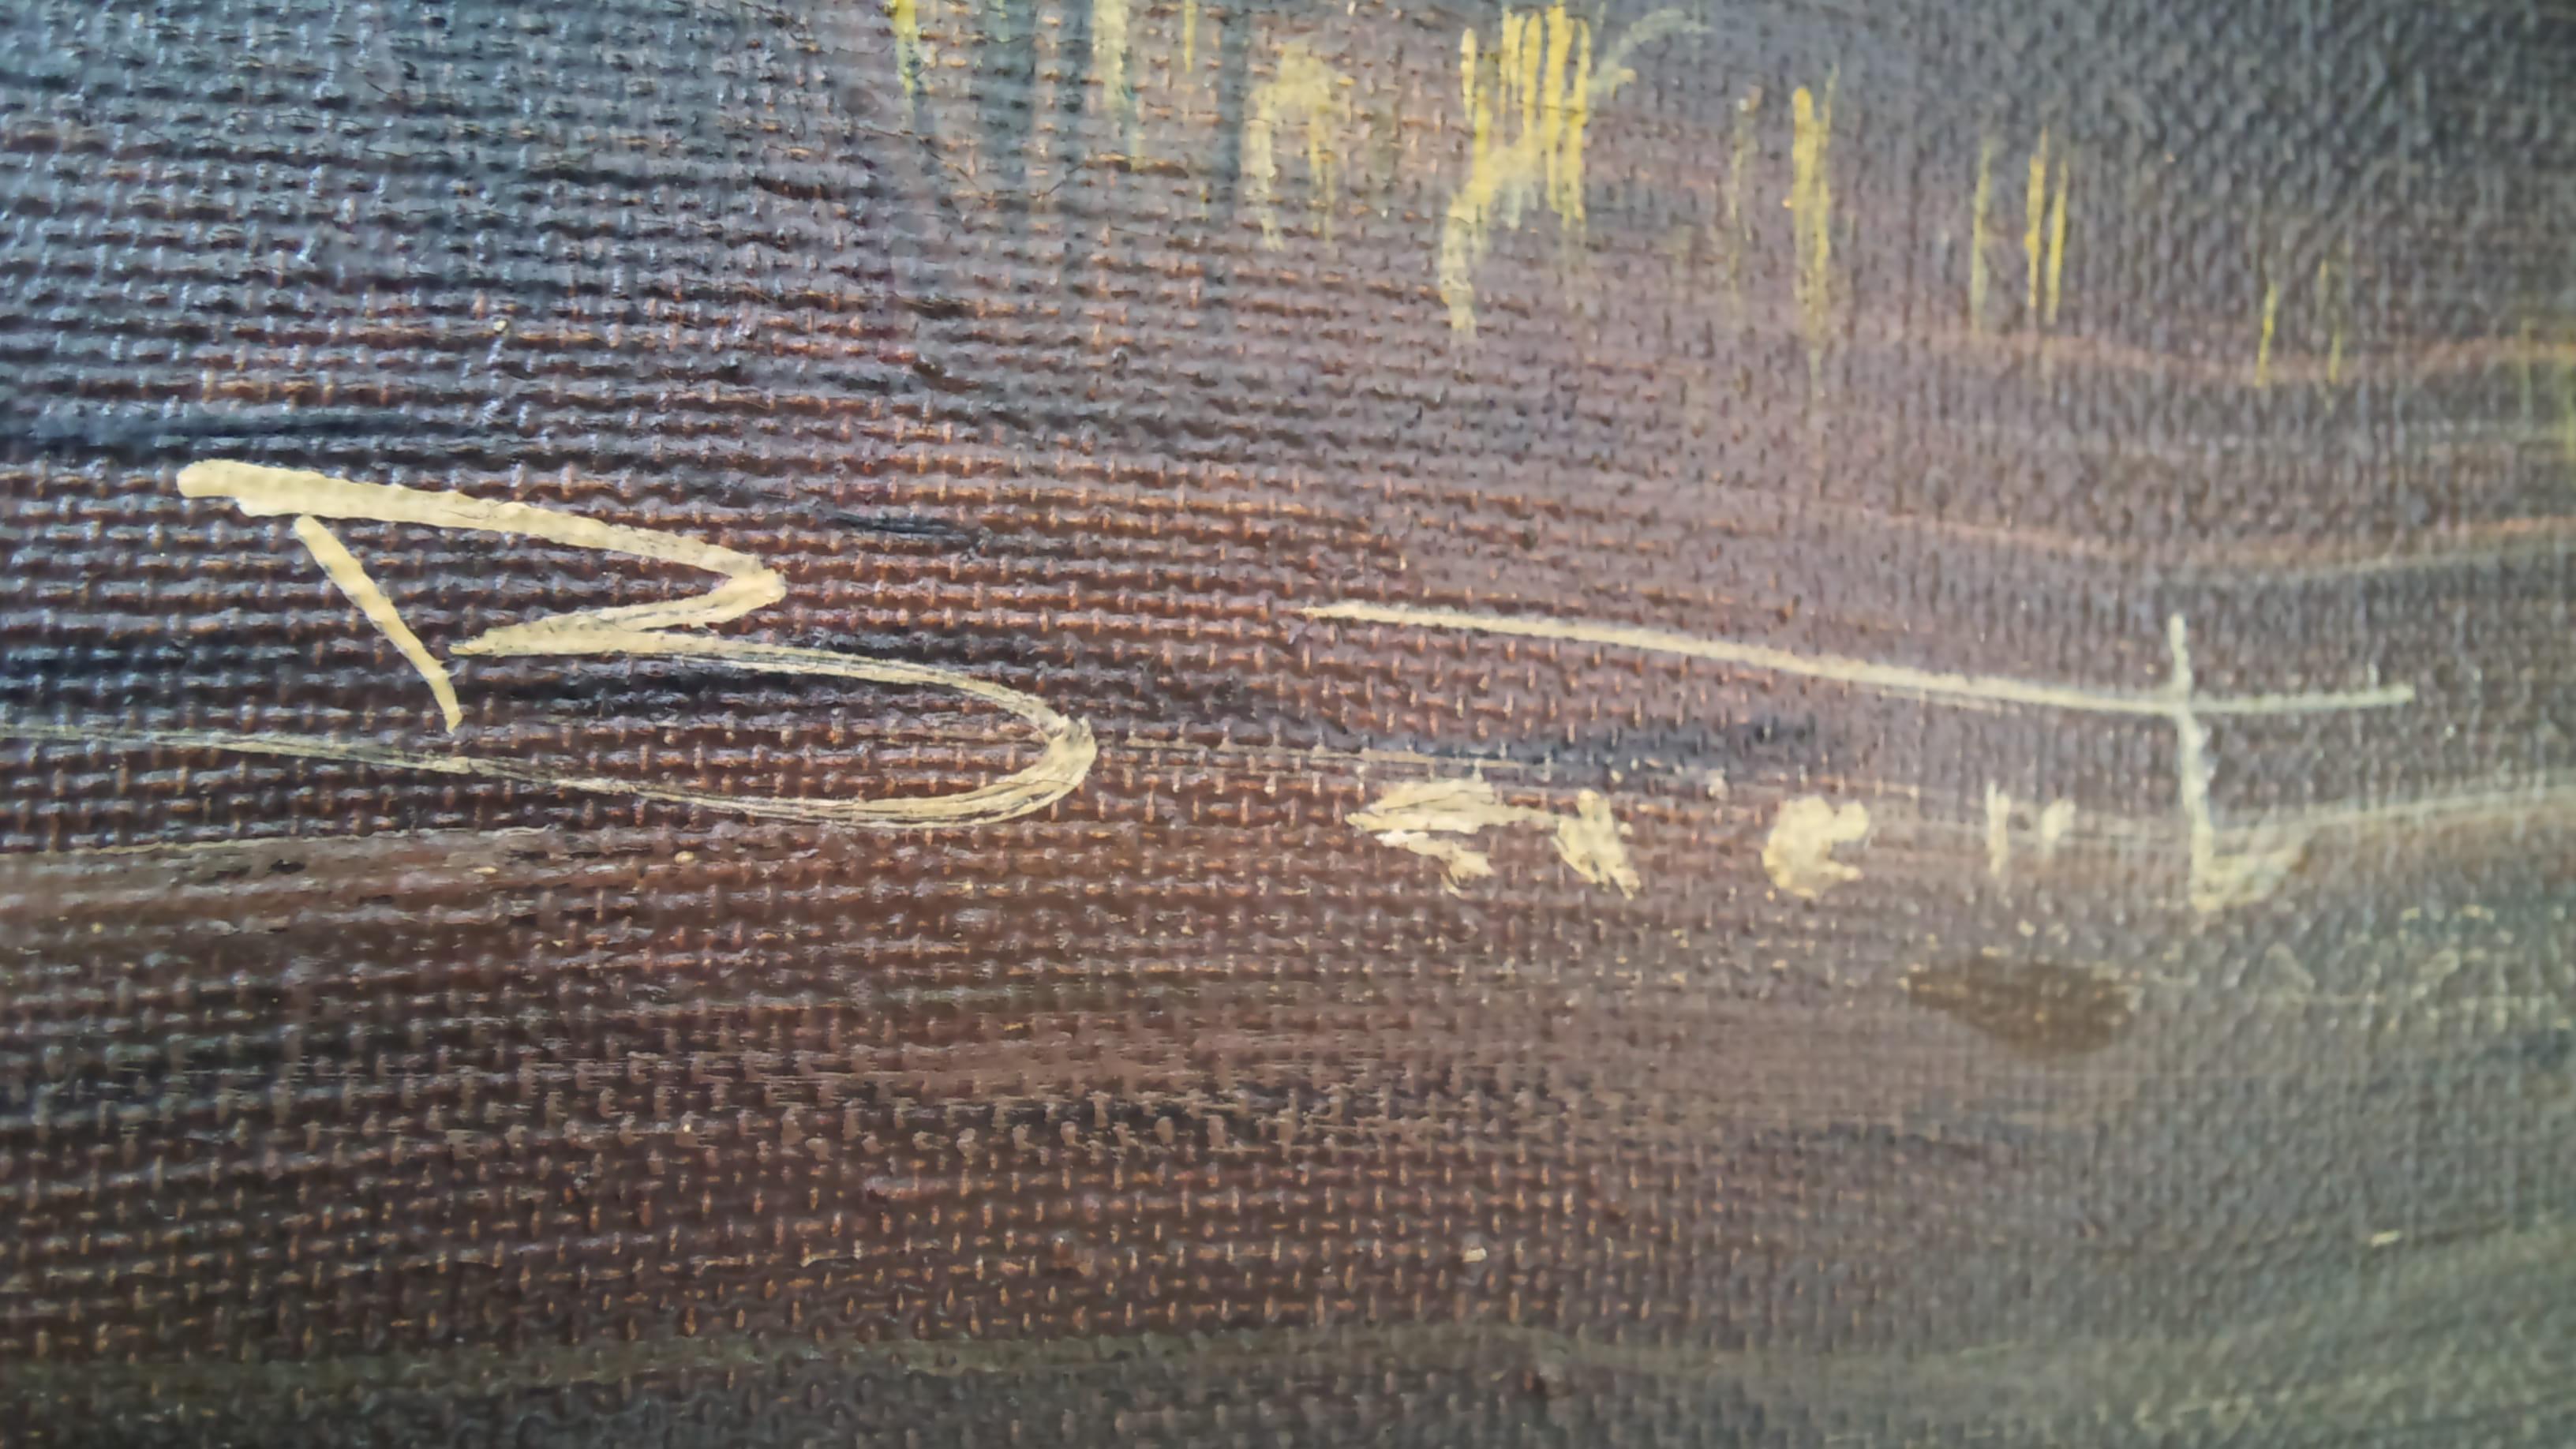 Nettoyer Un Vieux Tableau identification d'un peintre à partir d'une signature